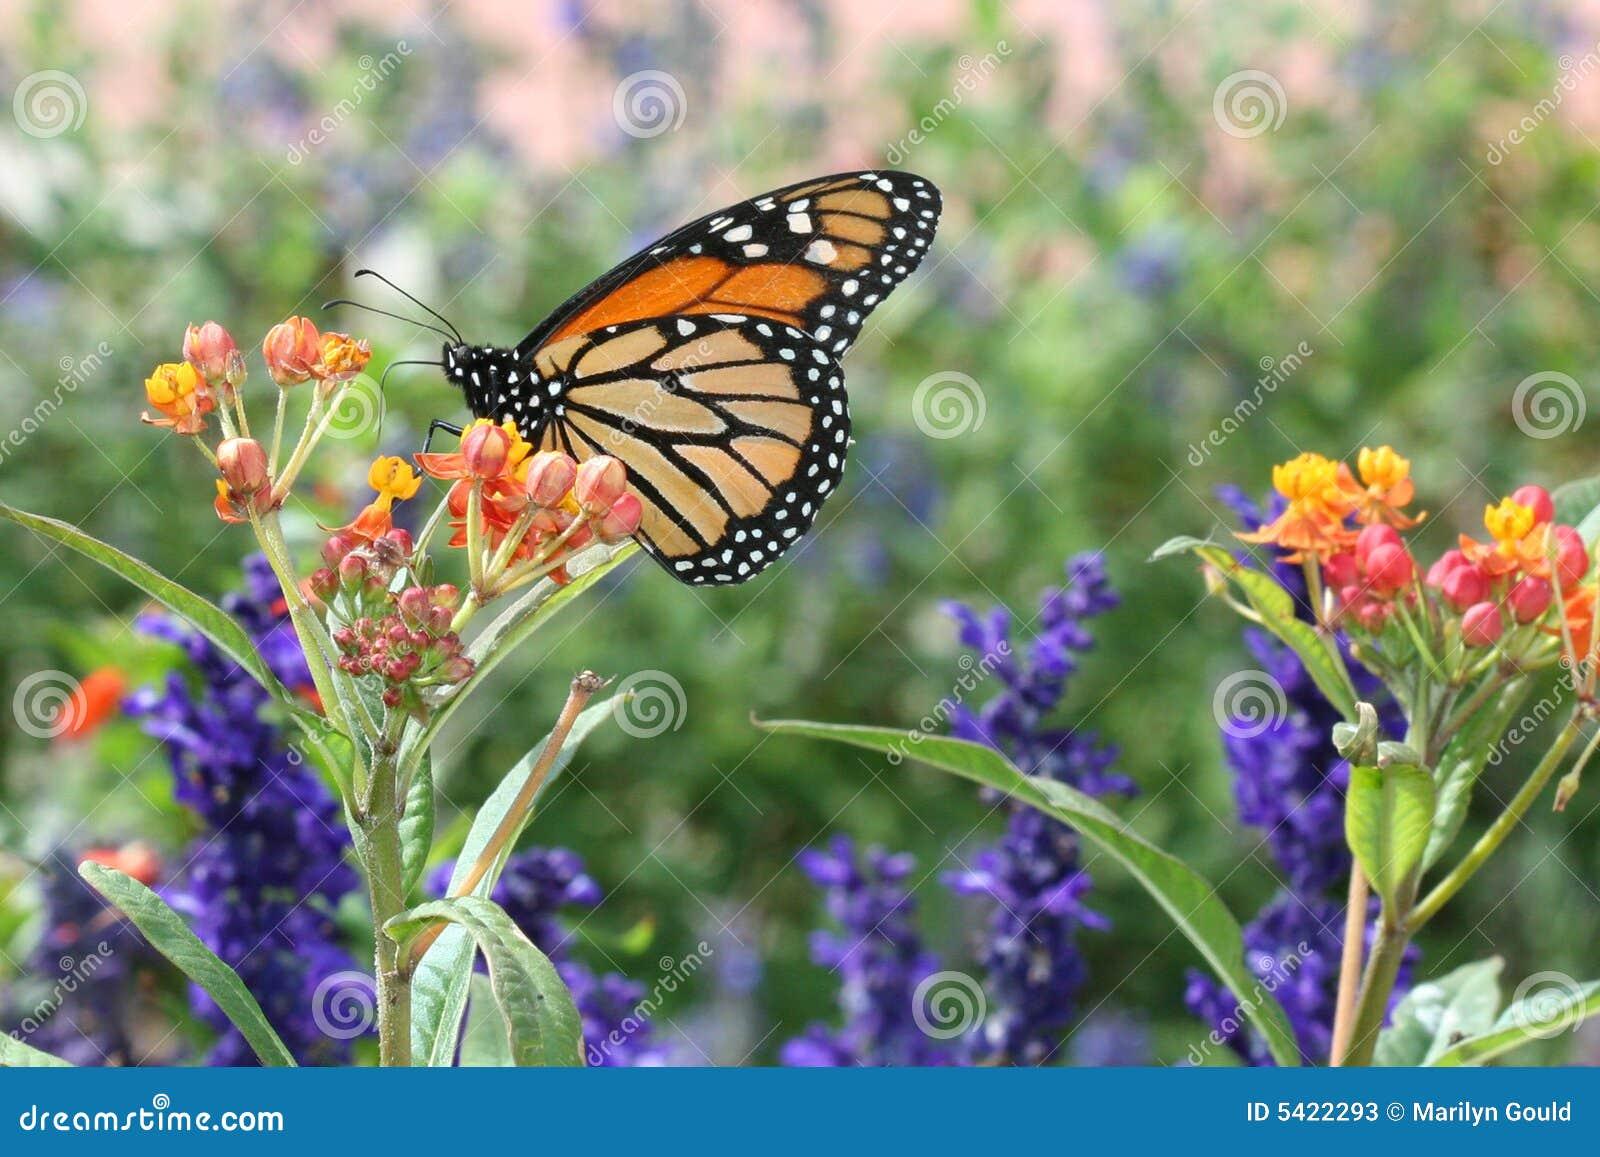 Mariposa de monarca